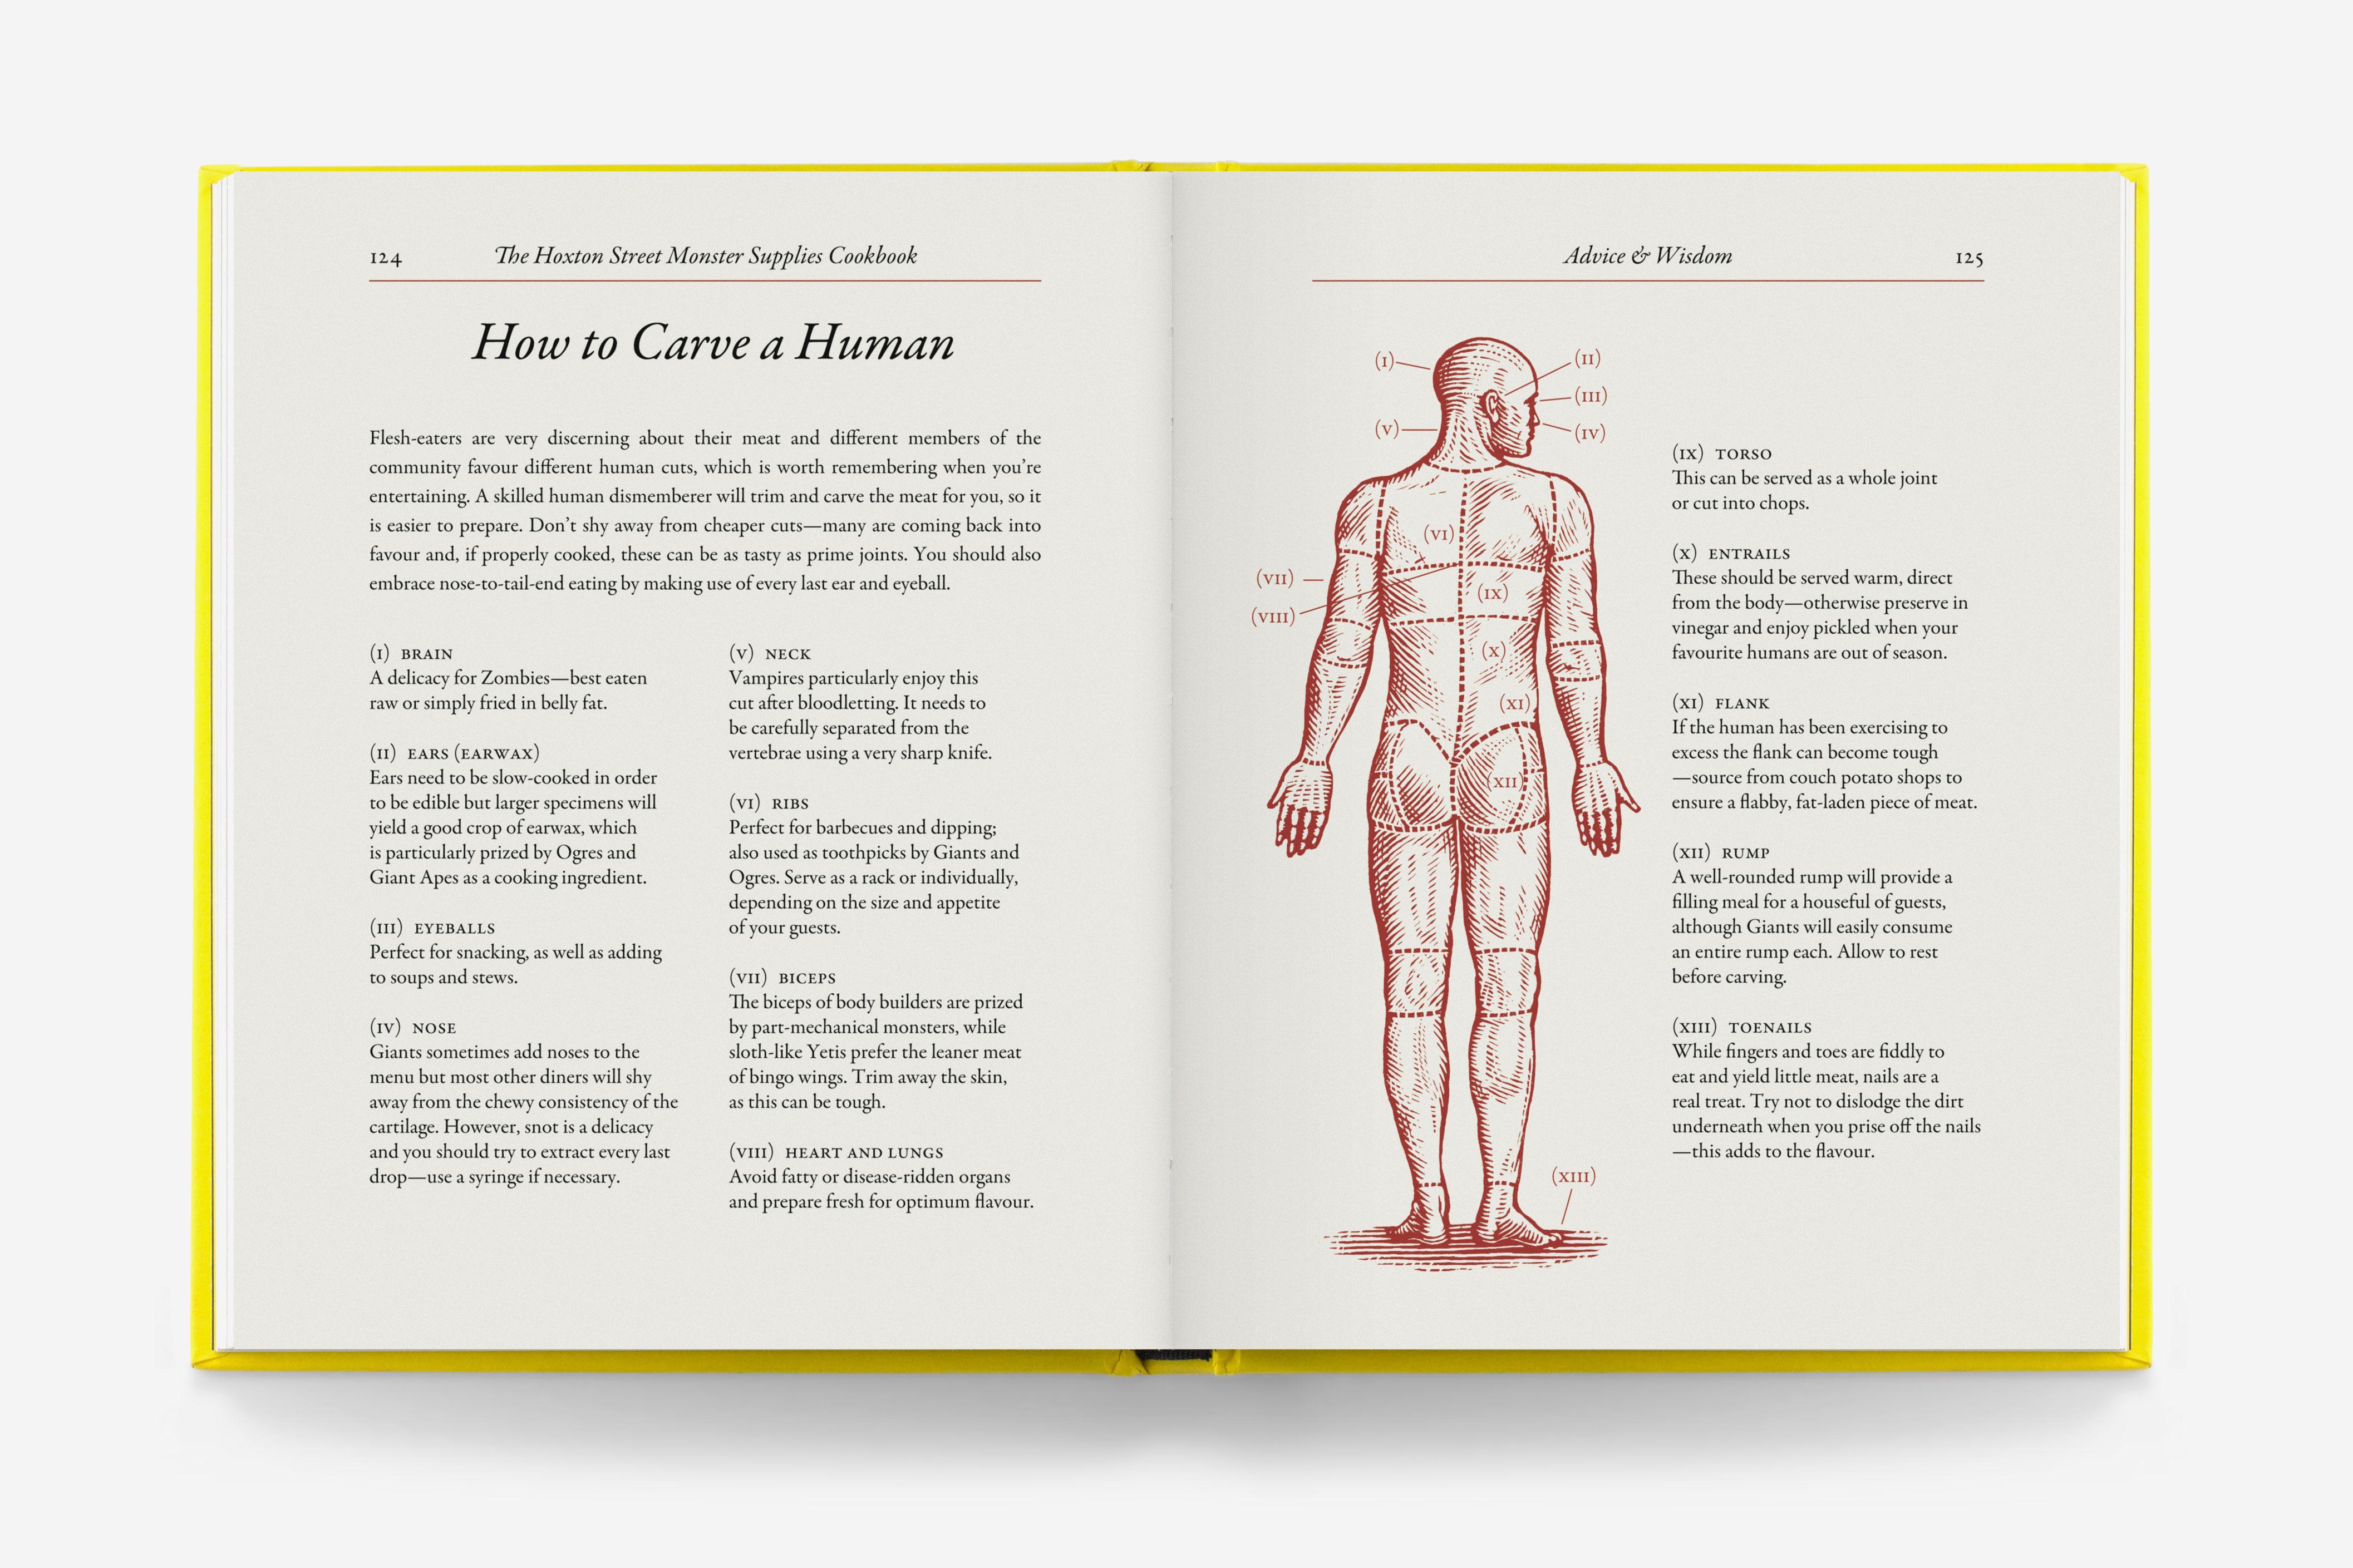 hsms_cookbook_124-5